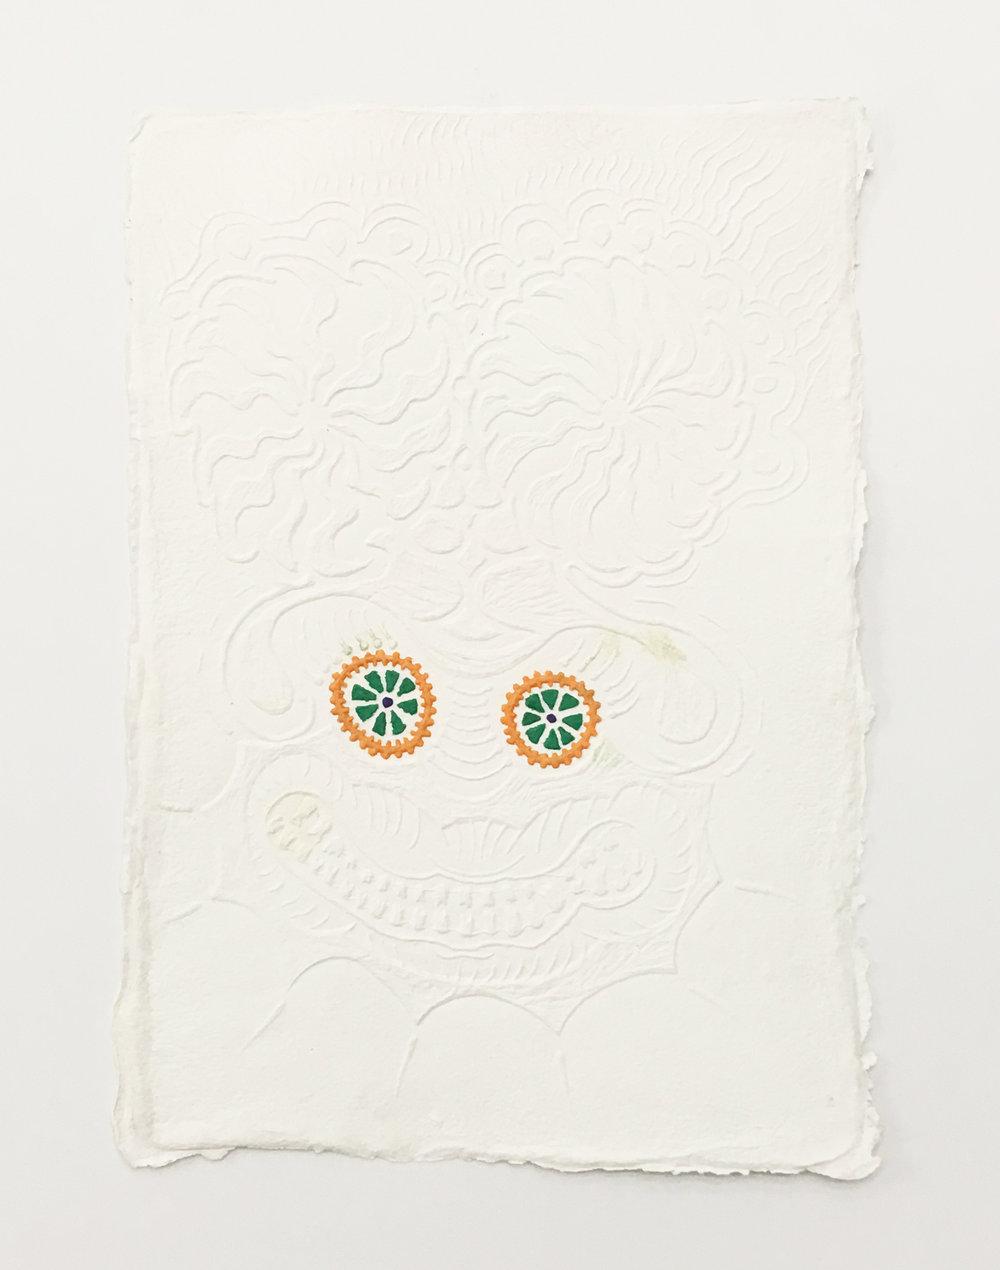 Daniel Wiener   Cankered White , 2017  Paper pulp